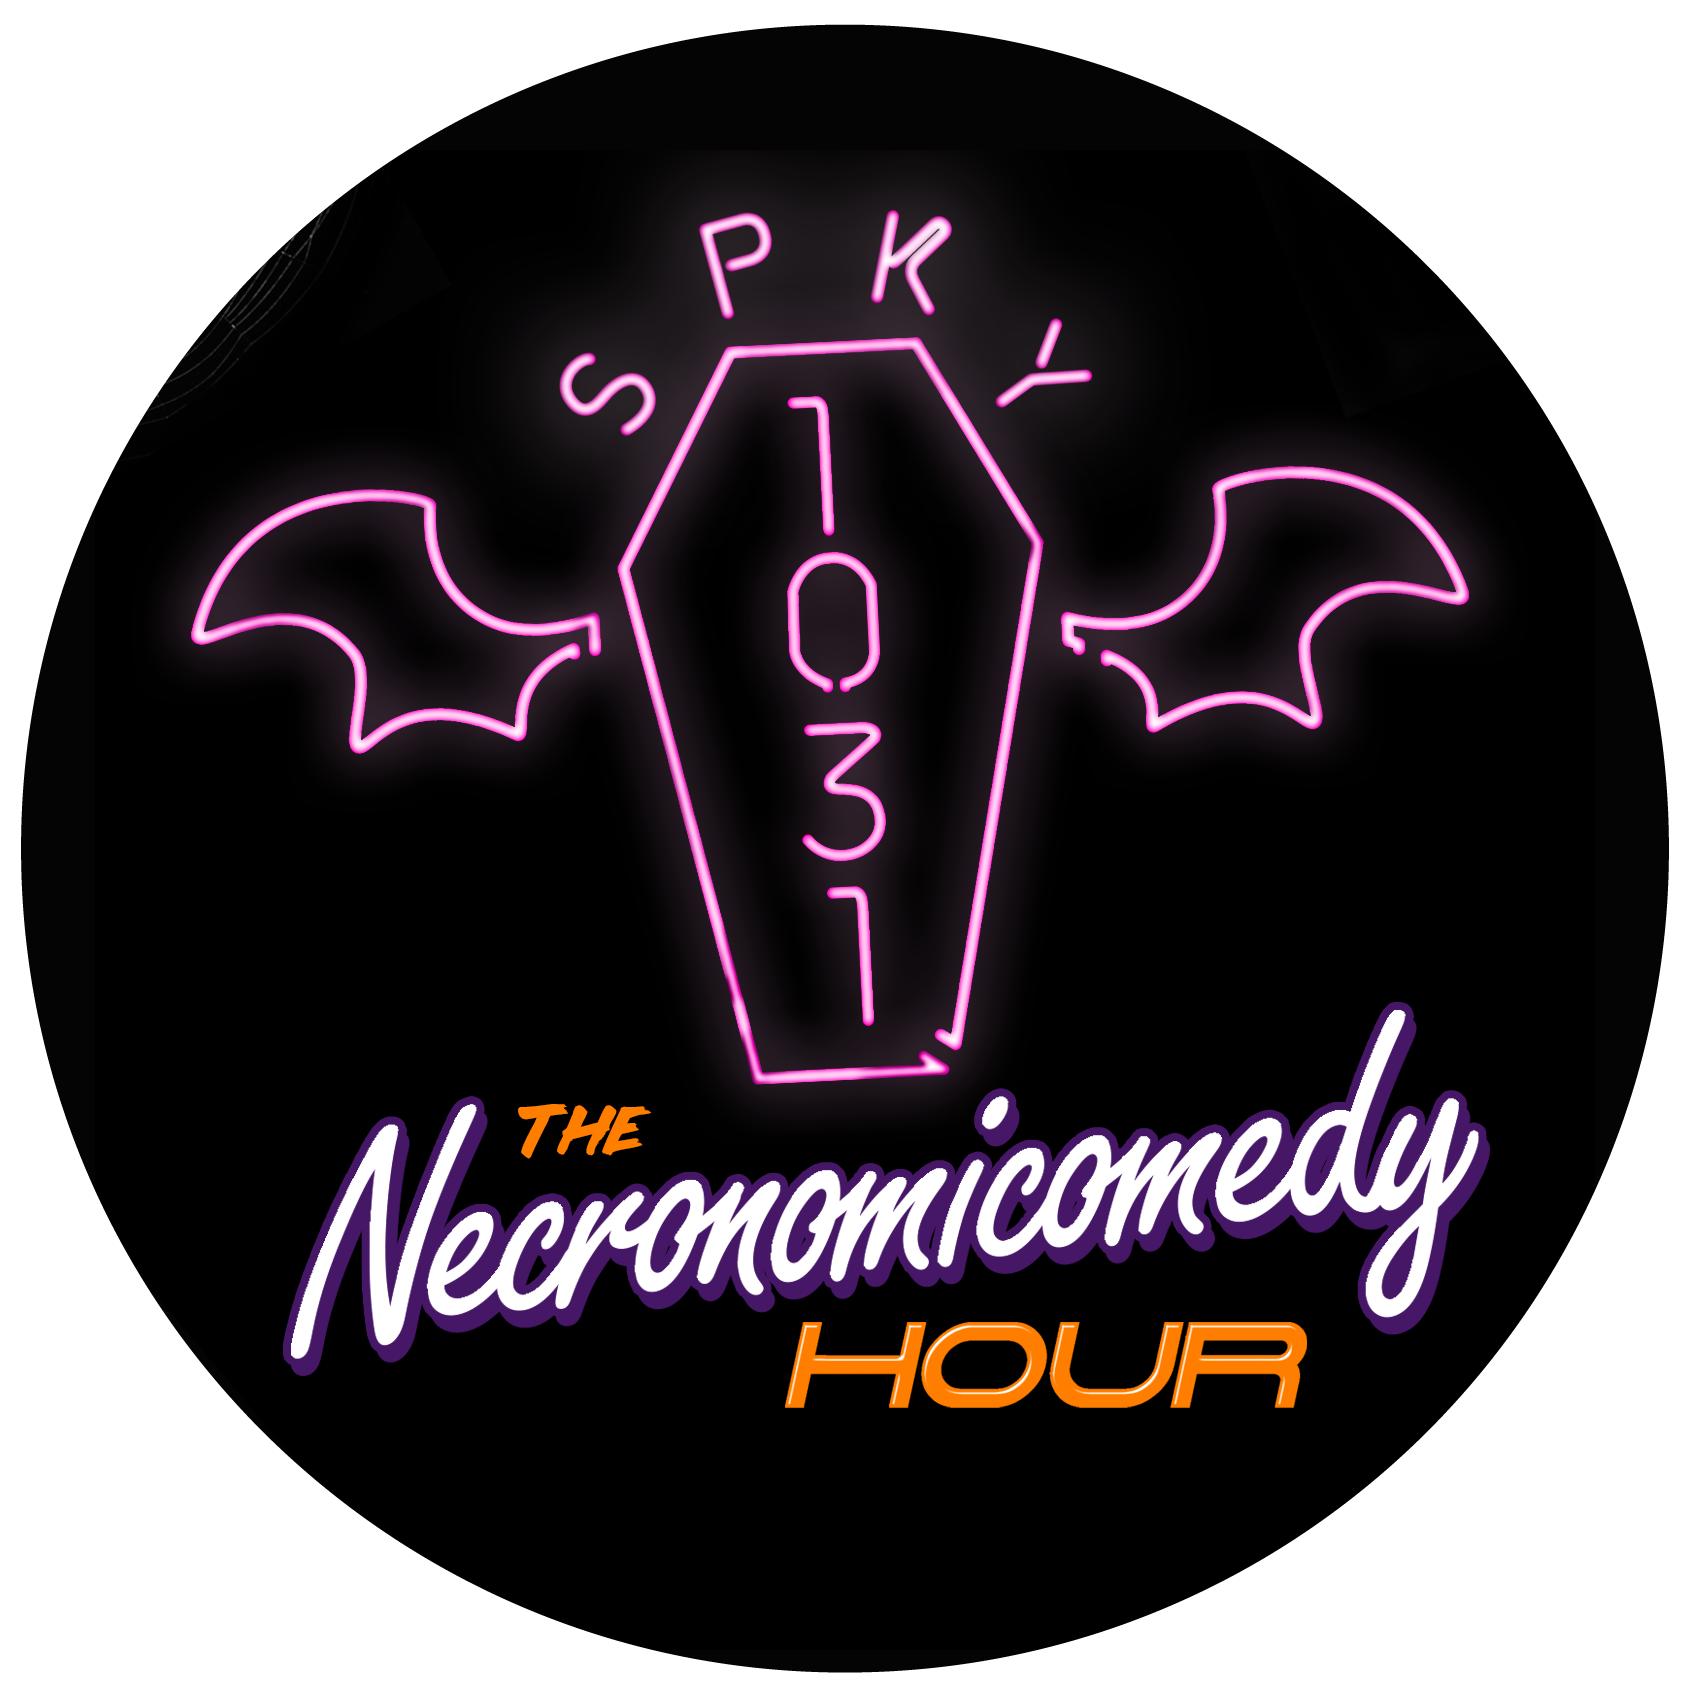 The Necronomicomedy Hour Podcast